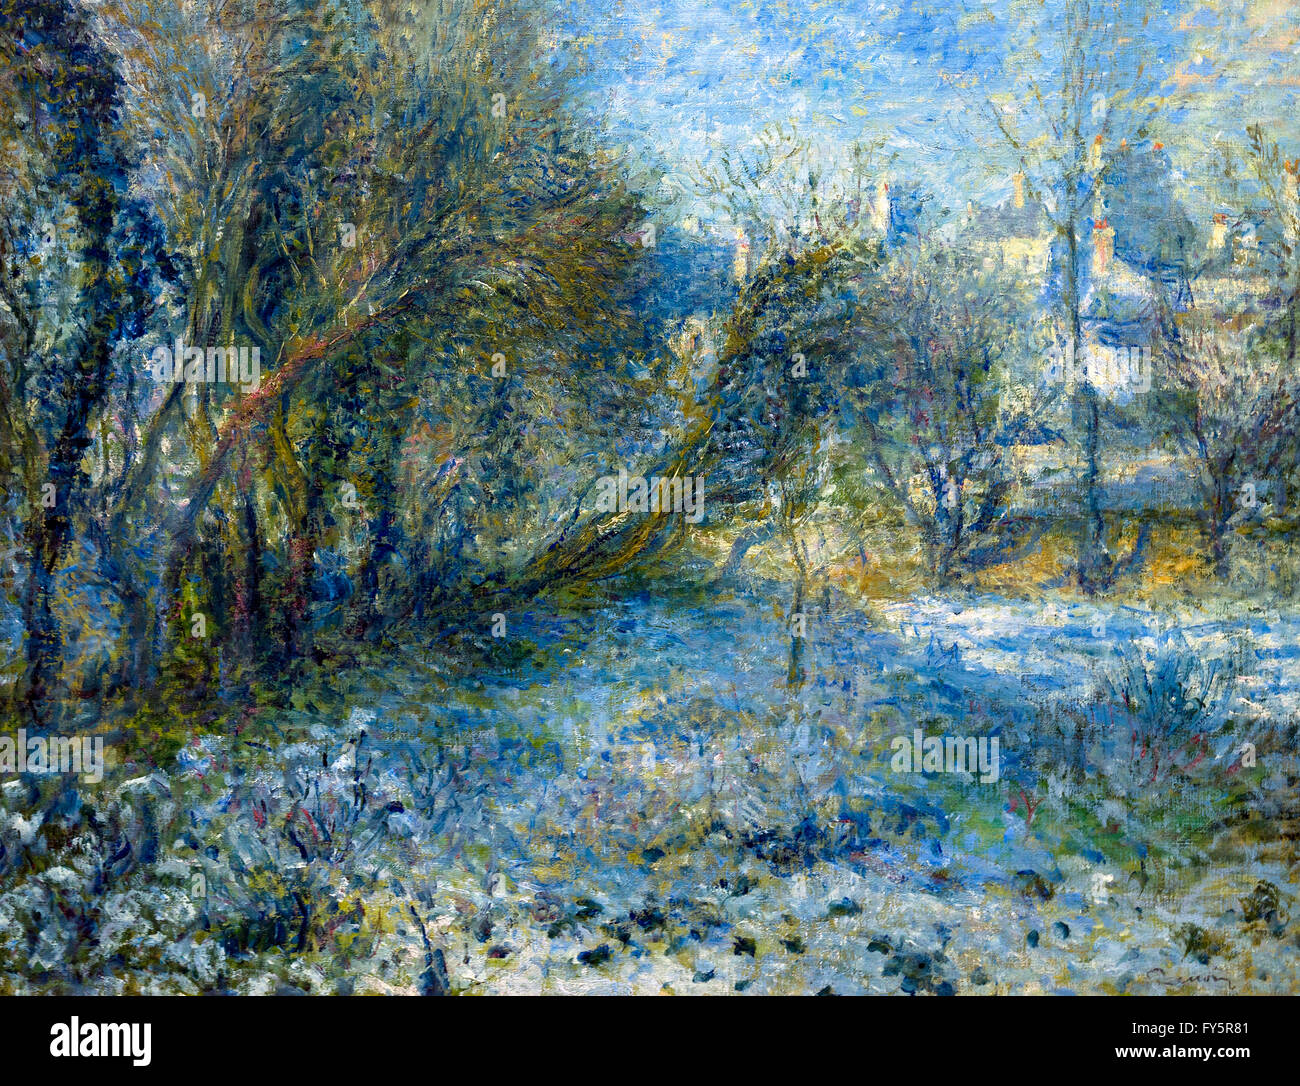 Snowy Landscape, Paysage de Neige, by Pierre-Auguste Renoir, circa 1870-1875, Musee de L'Orangerie, Paris, France, - Stock Image